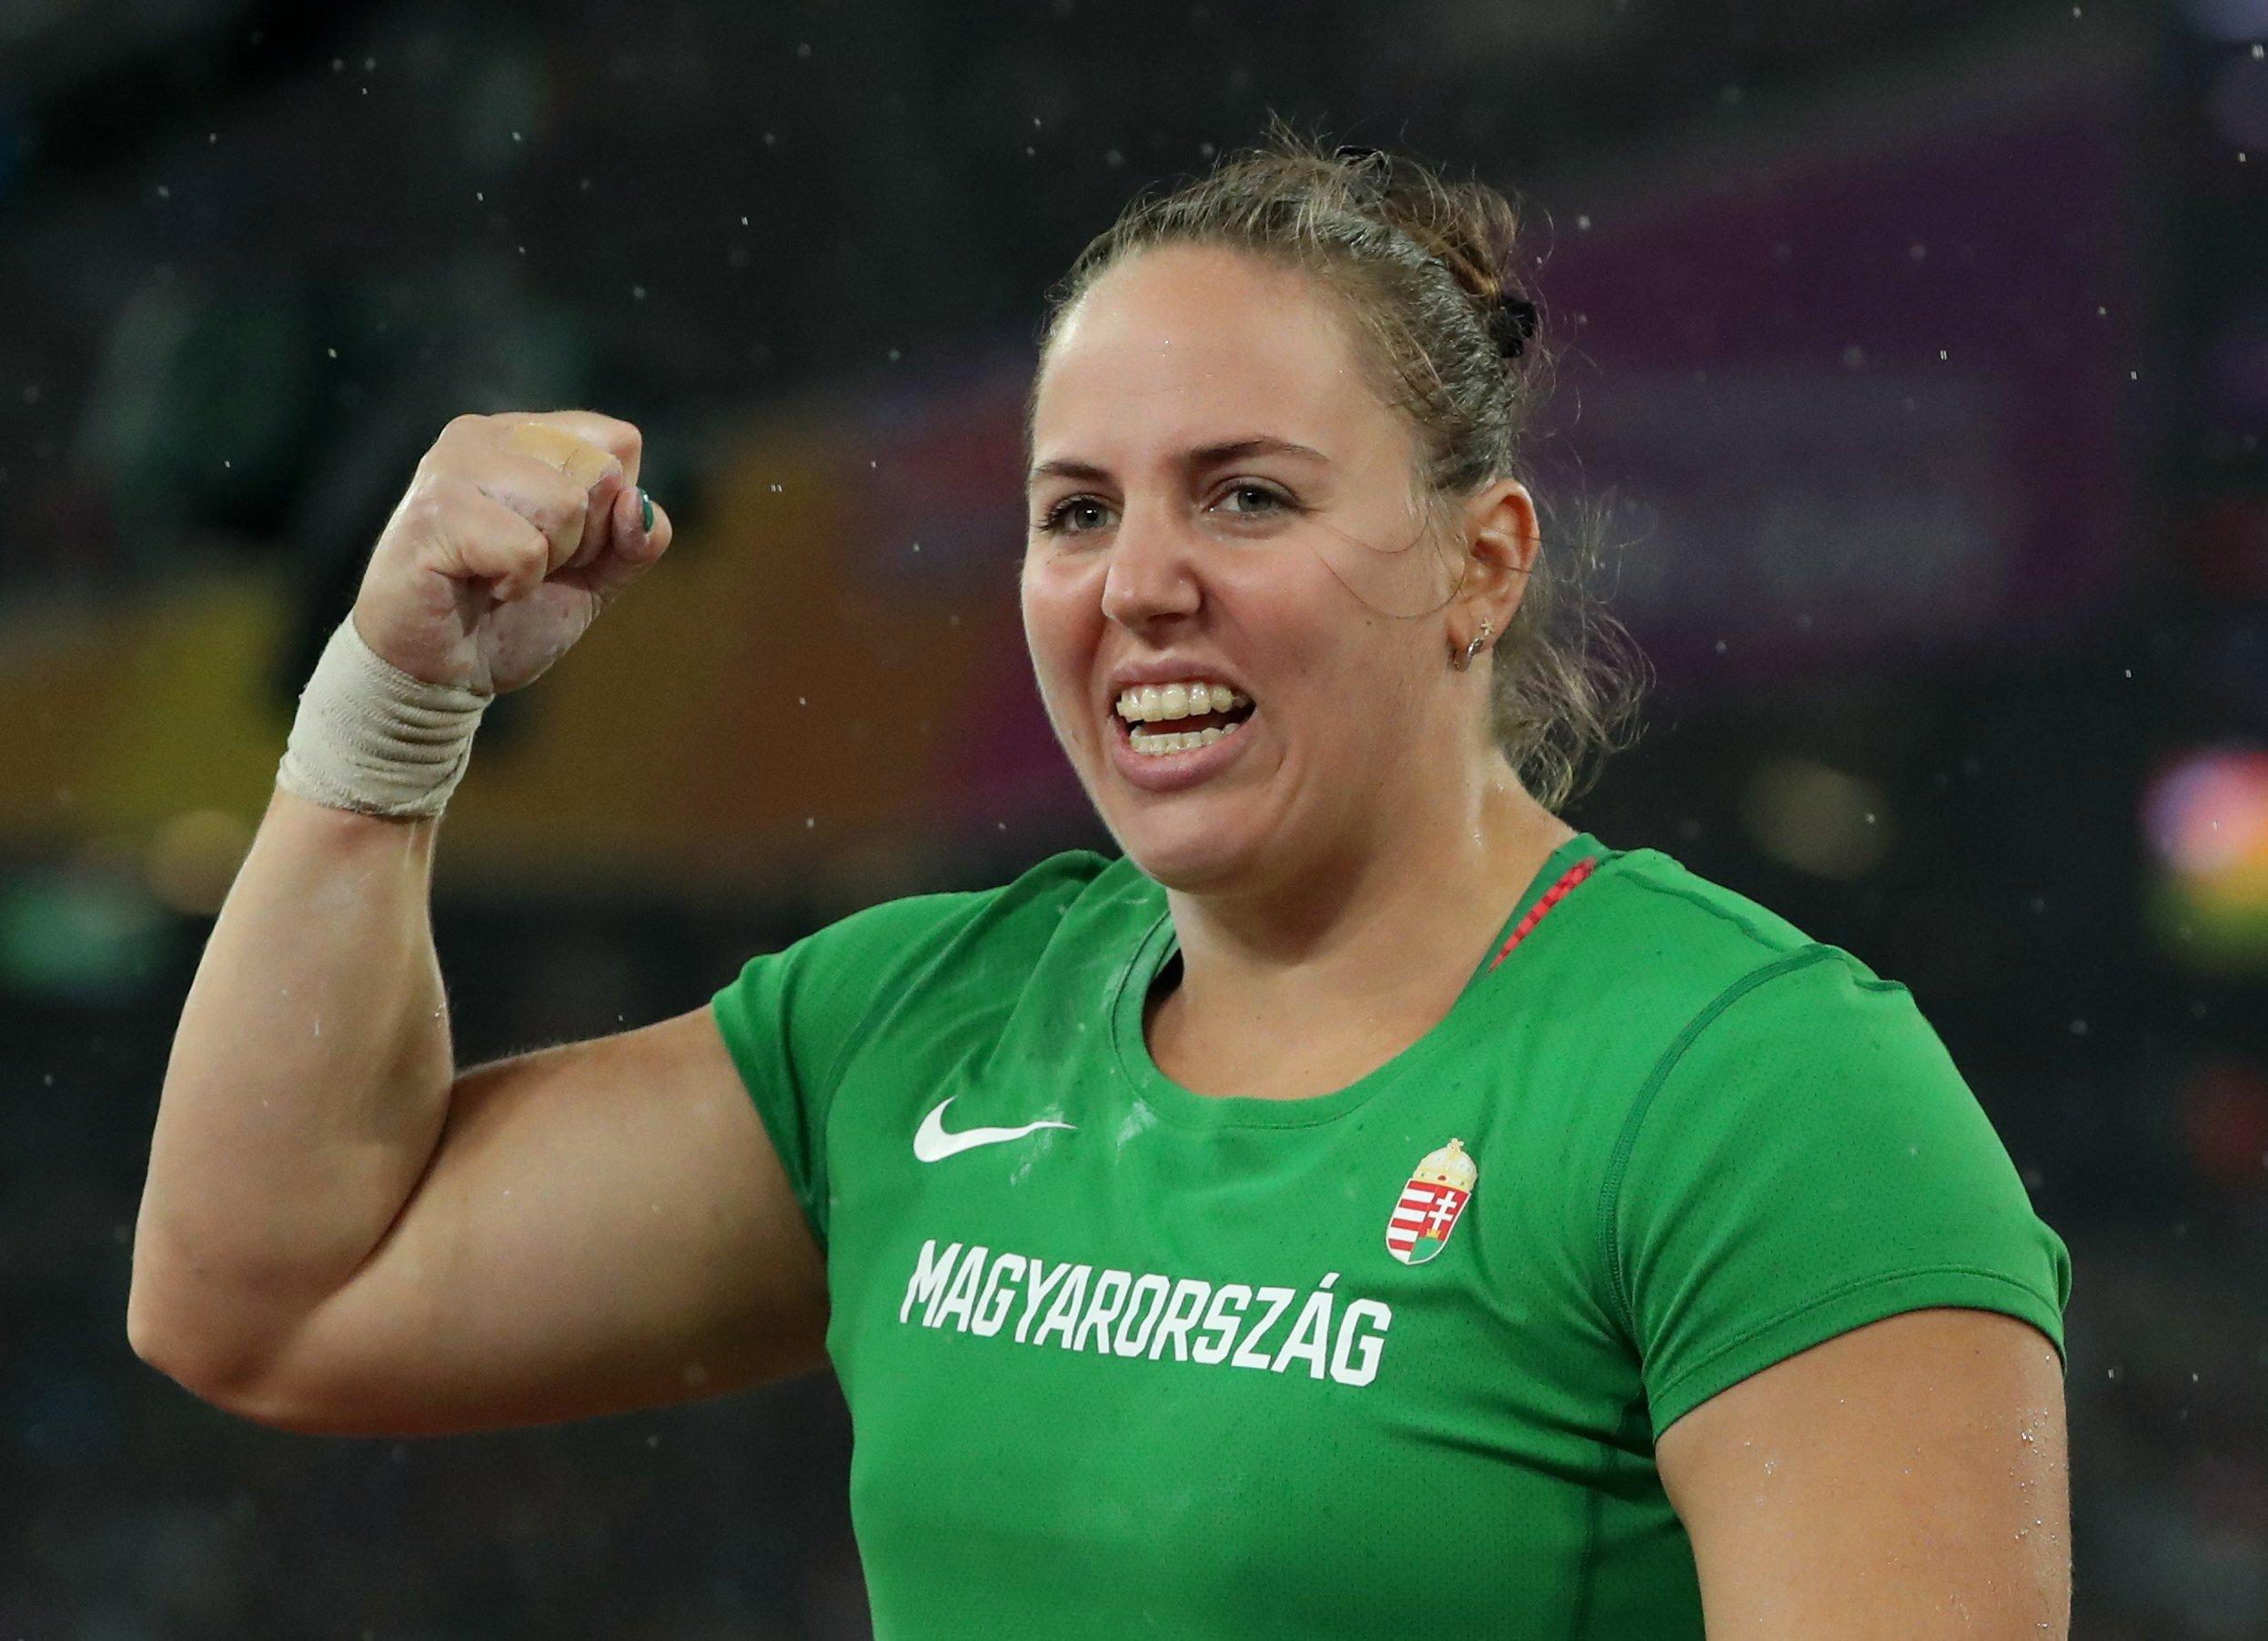 Márton Anita súlylökő ezüstérmet nyert az atlétikai világbajnokságon